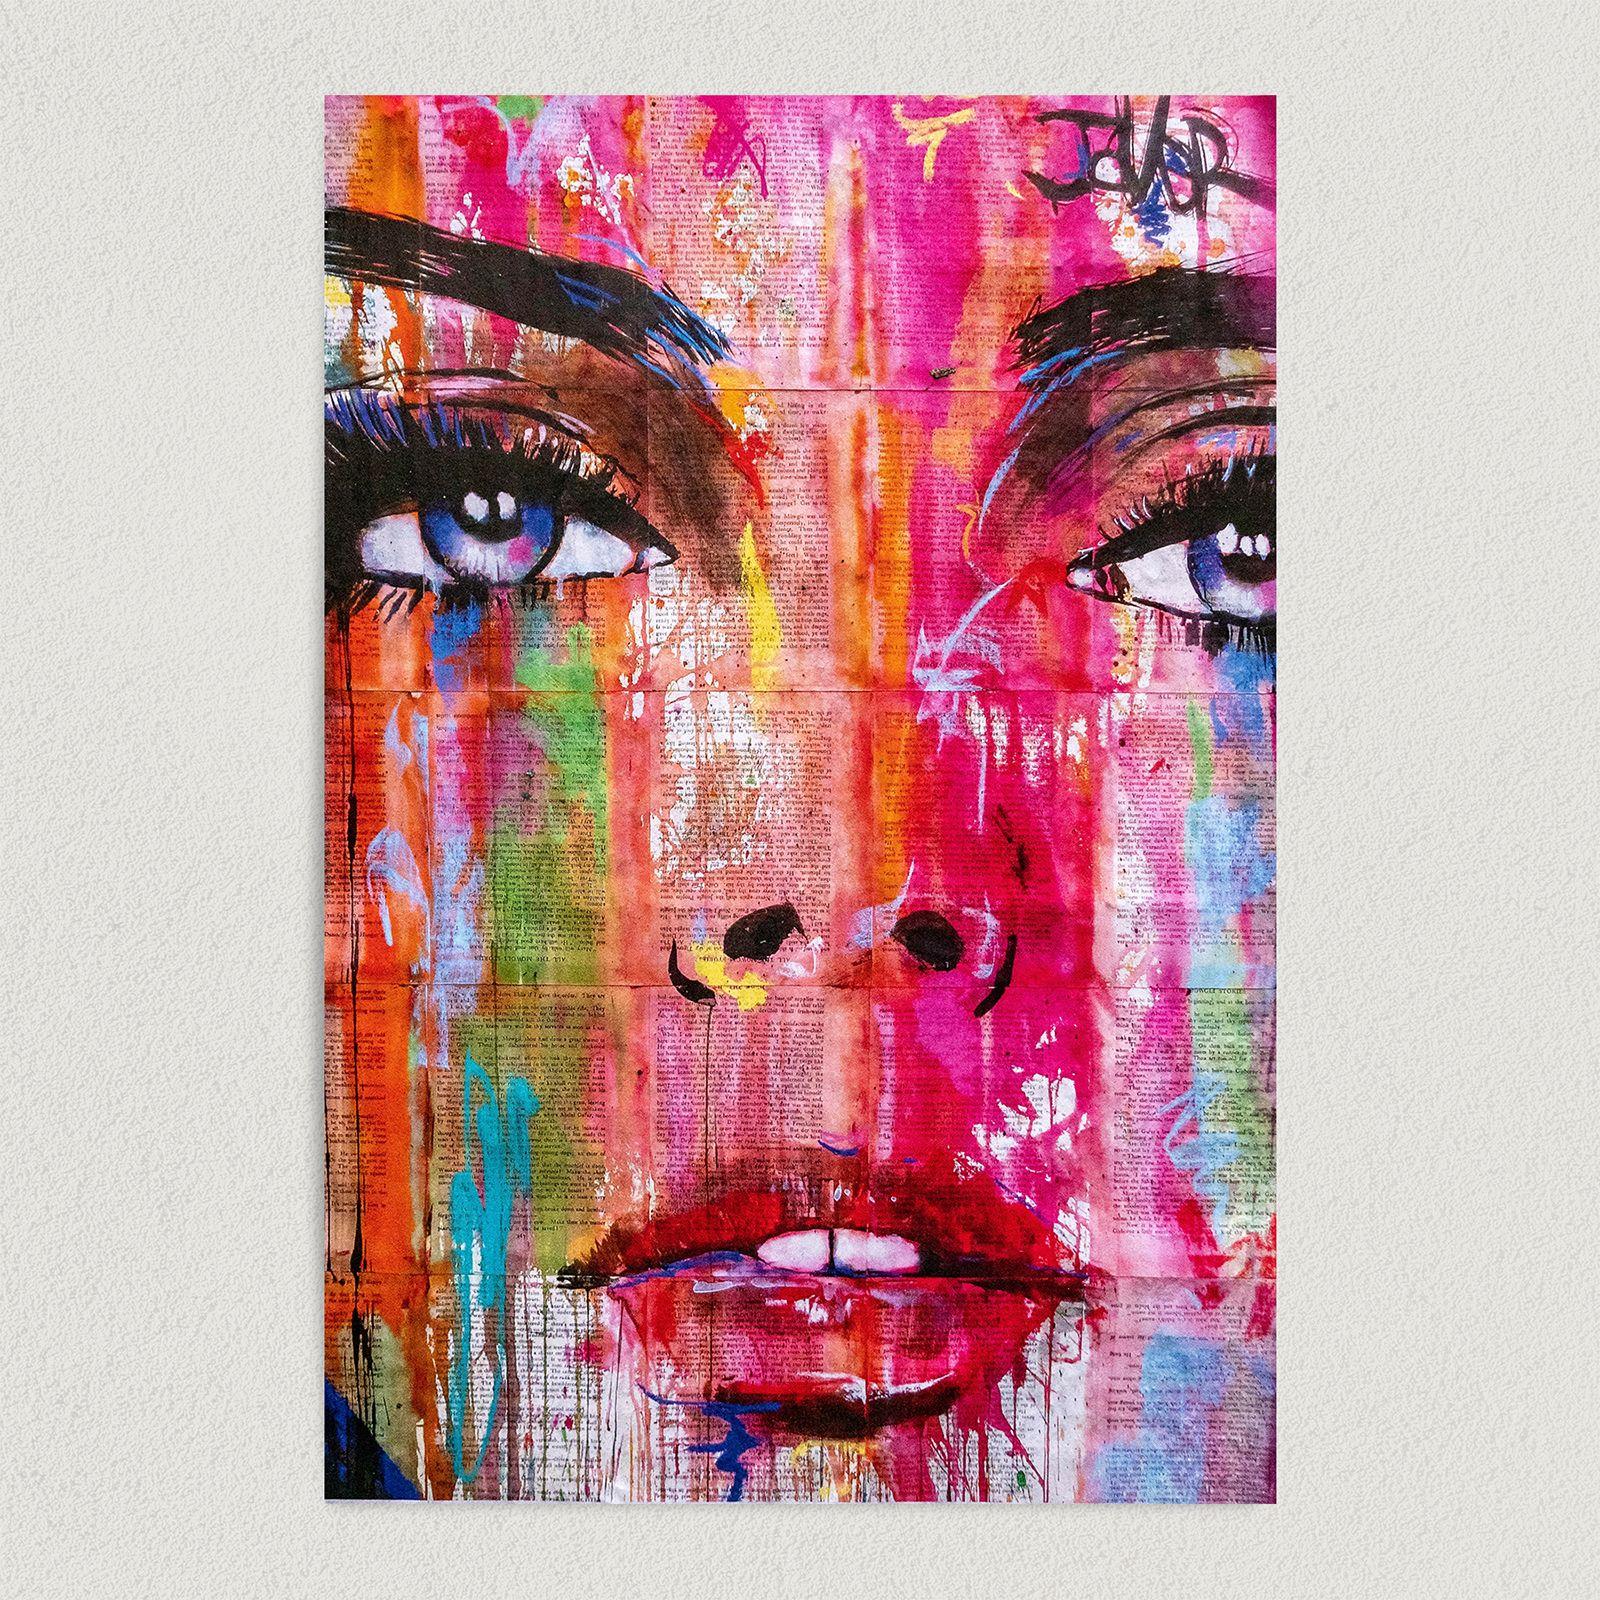 Woman Face Graffiti Art Print Poster 12″ x 18″ Wall Art FP3169